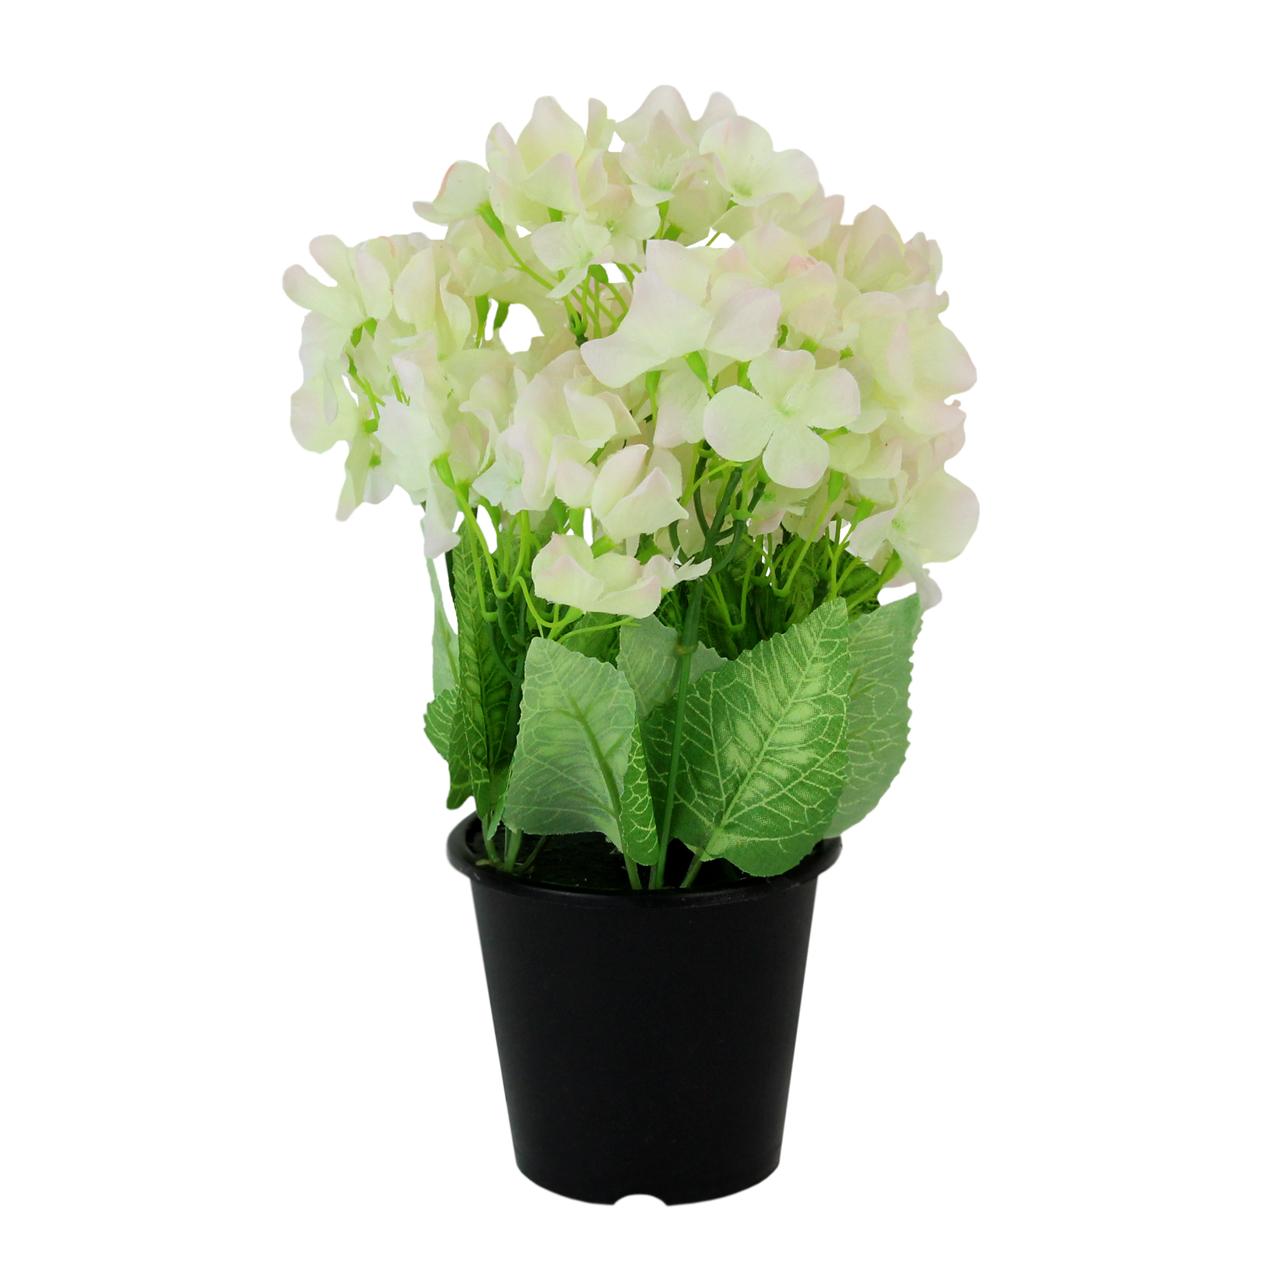 Floare Artificiala Hortensia In Ghiveci 27 Cm